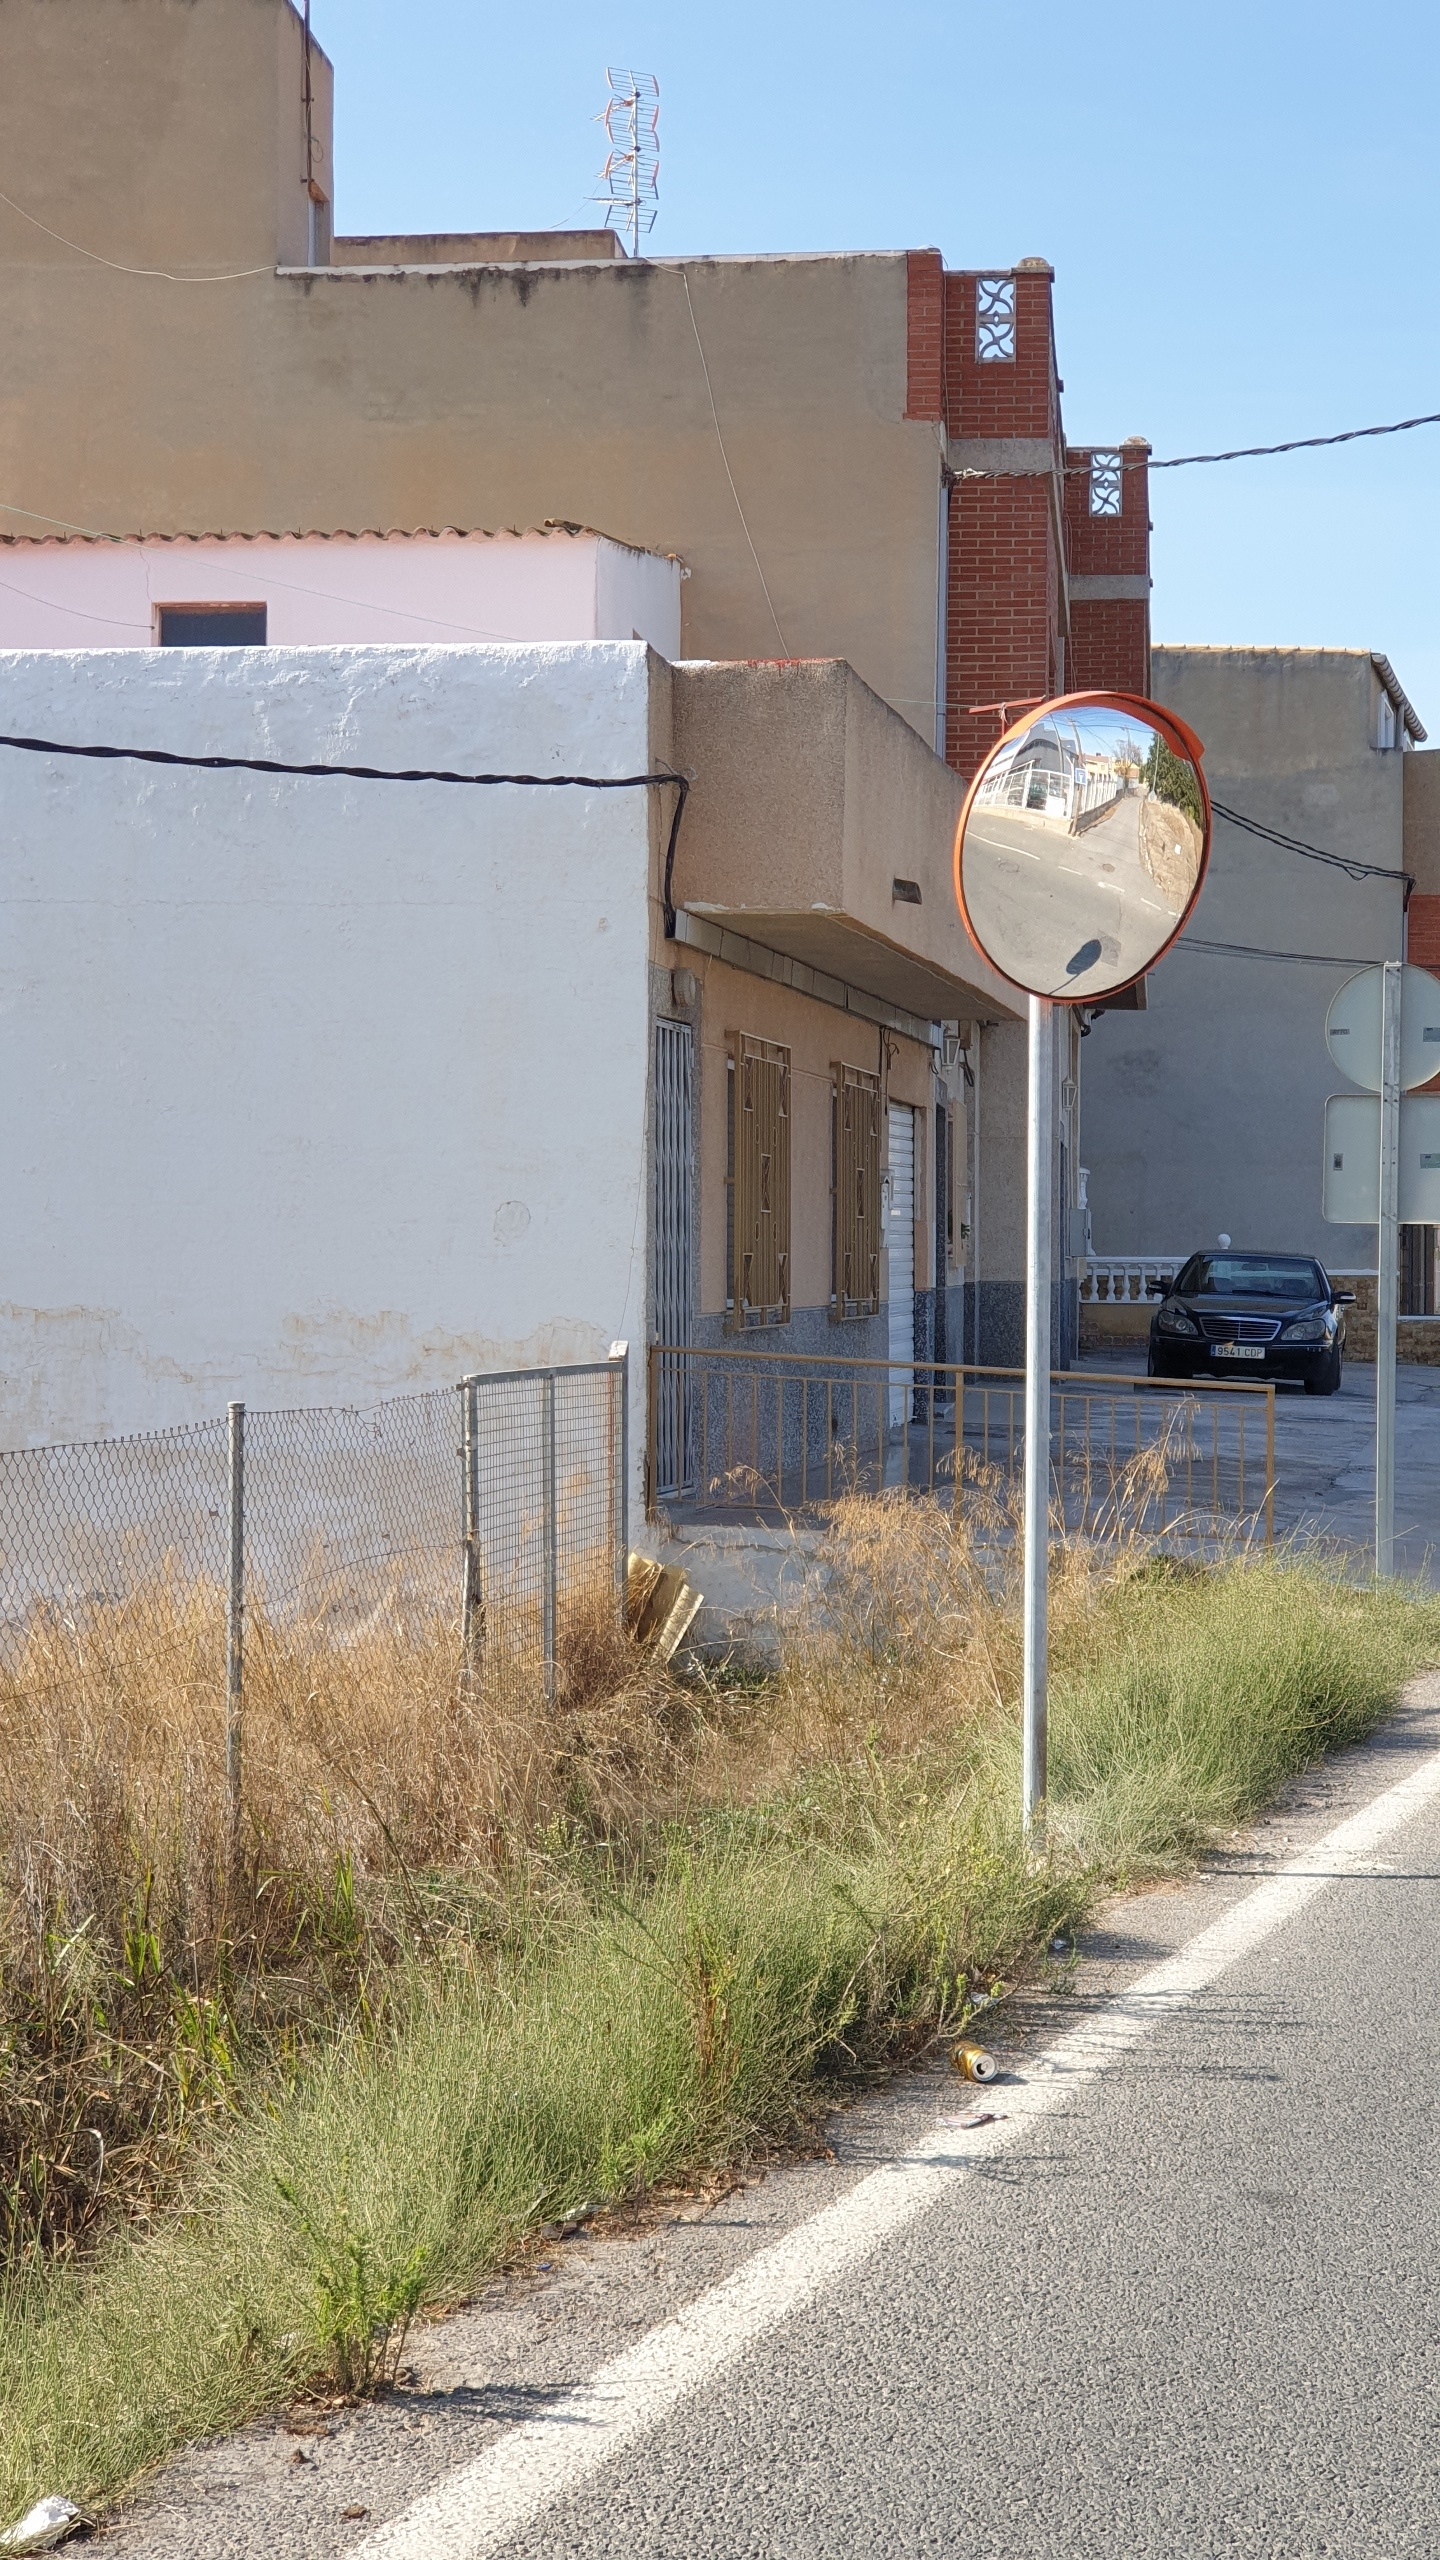 2020-10-24 Señal de tráfico reparada en Senda de Granada a petición de vecina de Joven Futura